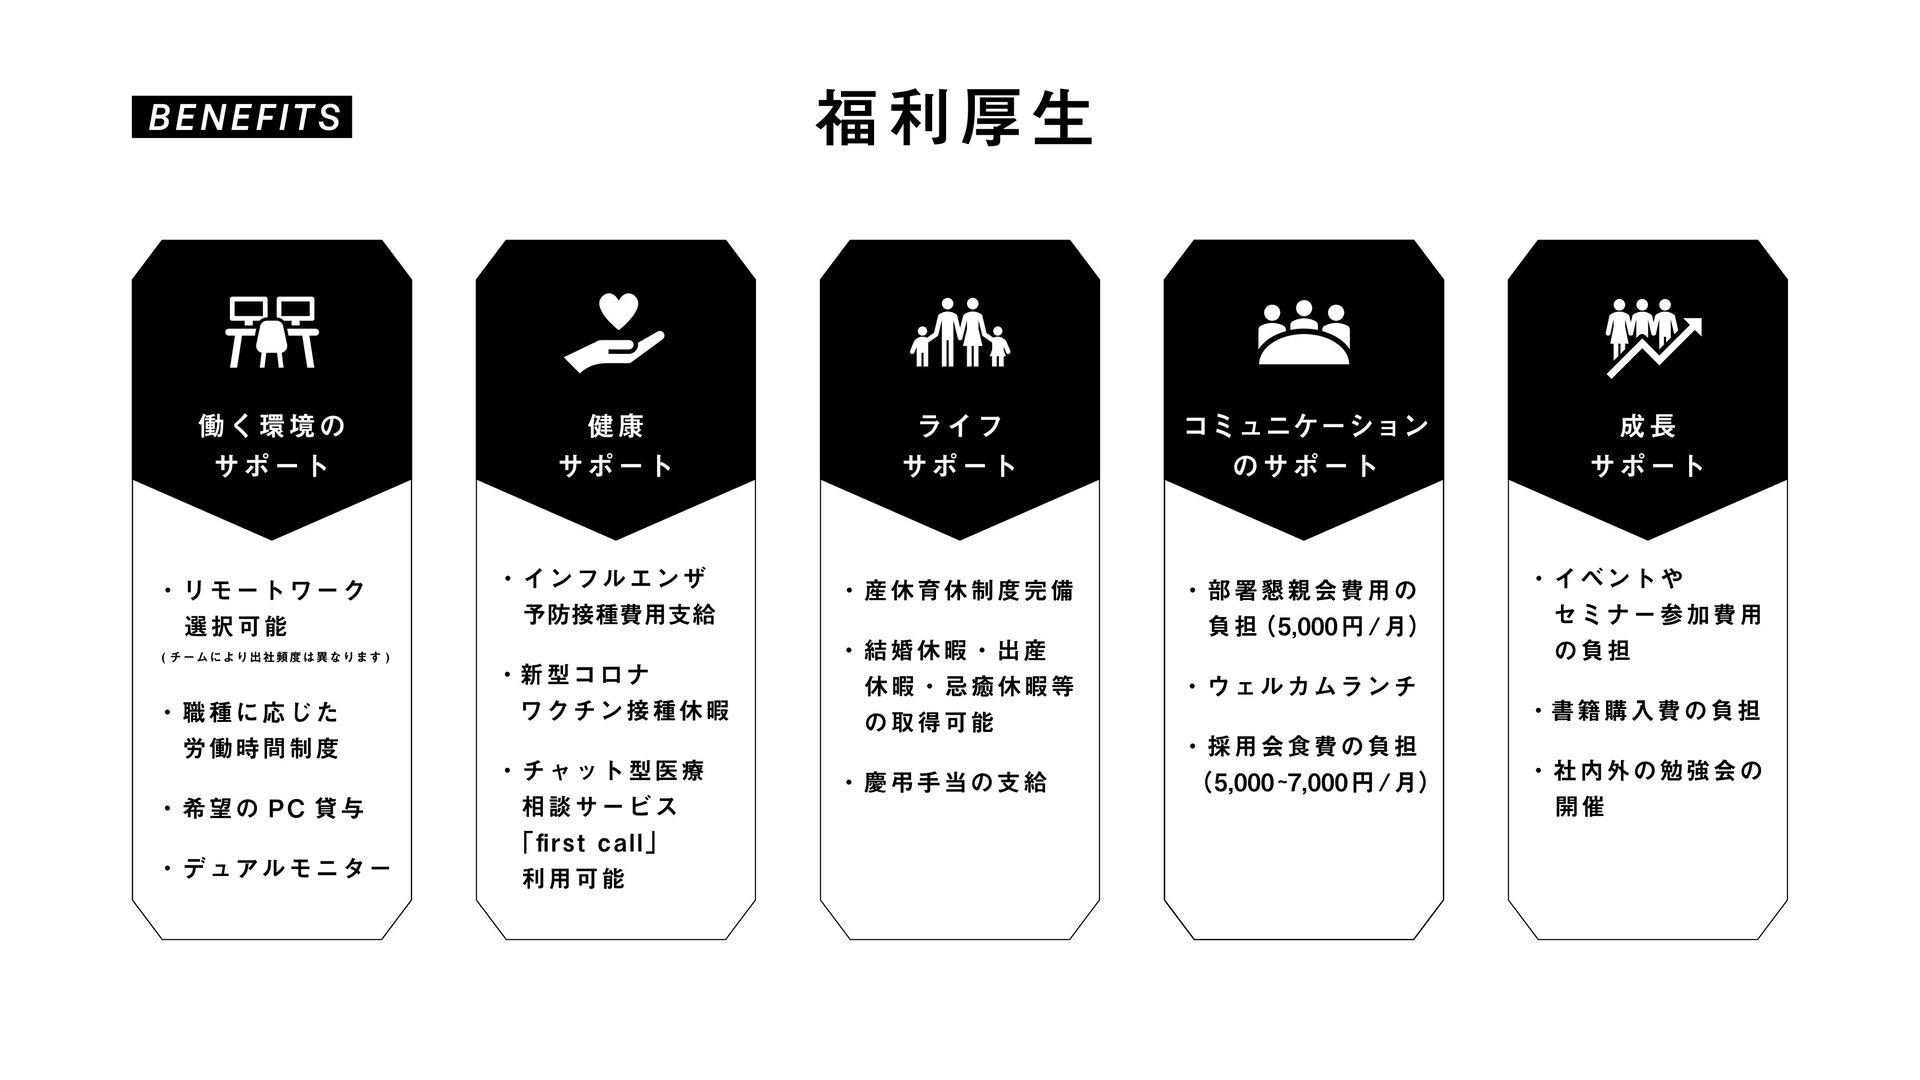 Our Business ۀʹ͍ͭͯ